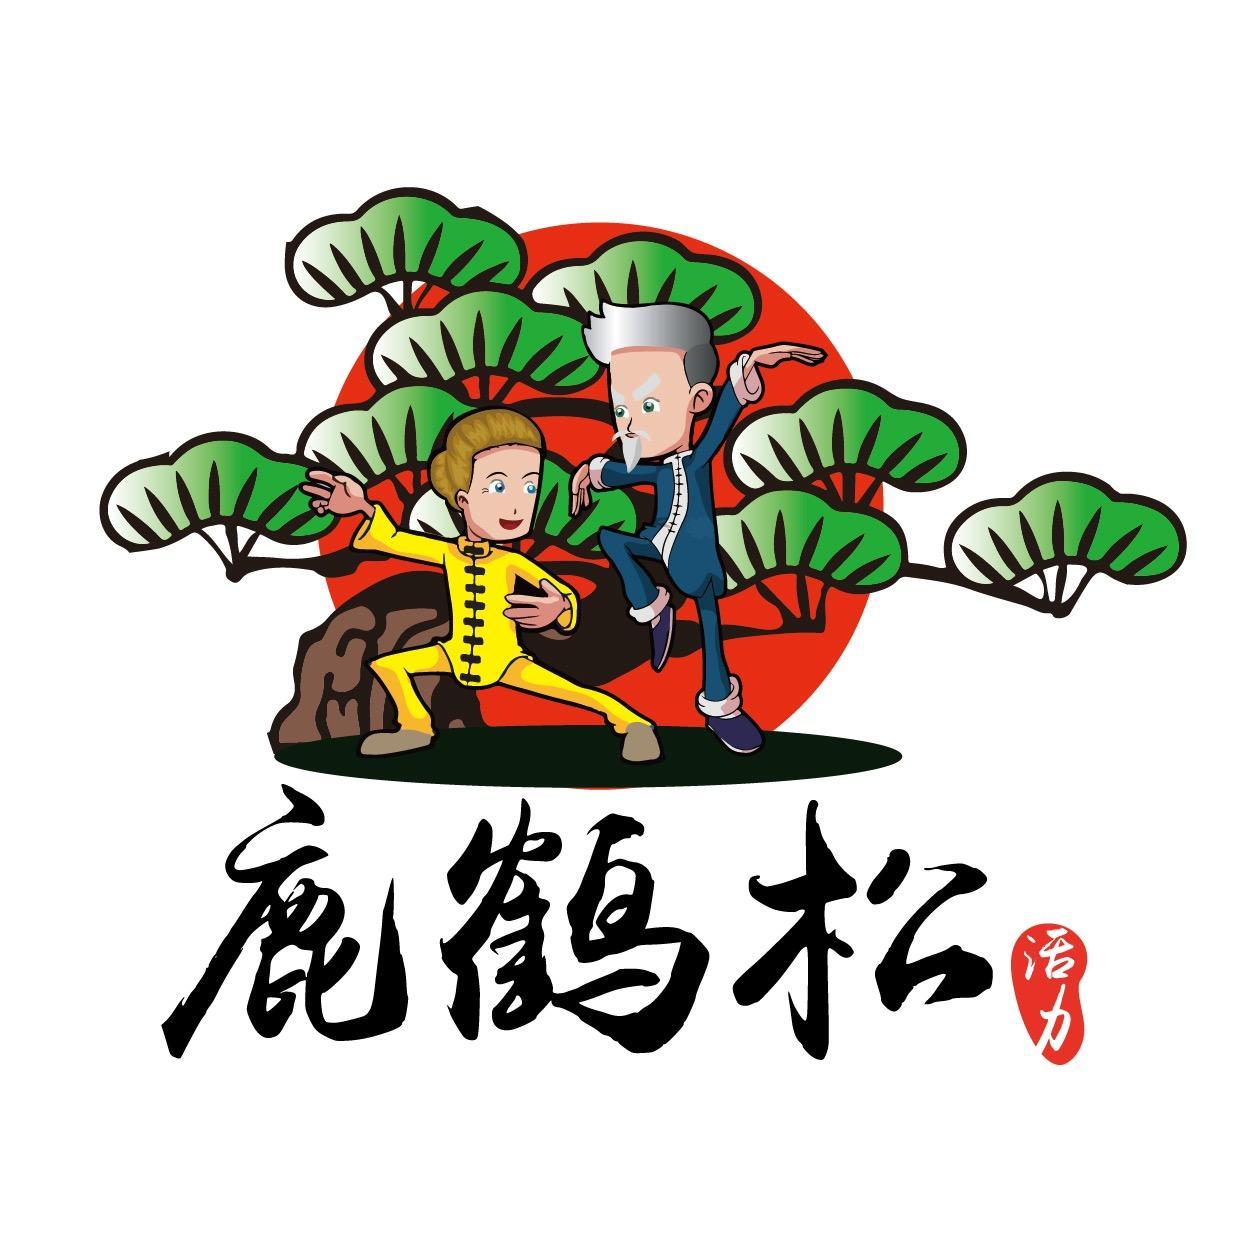 南京鹿鹤松网络科技有限公司 最新采购和商业信息